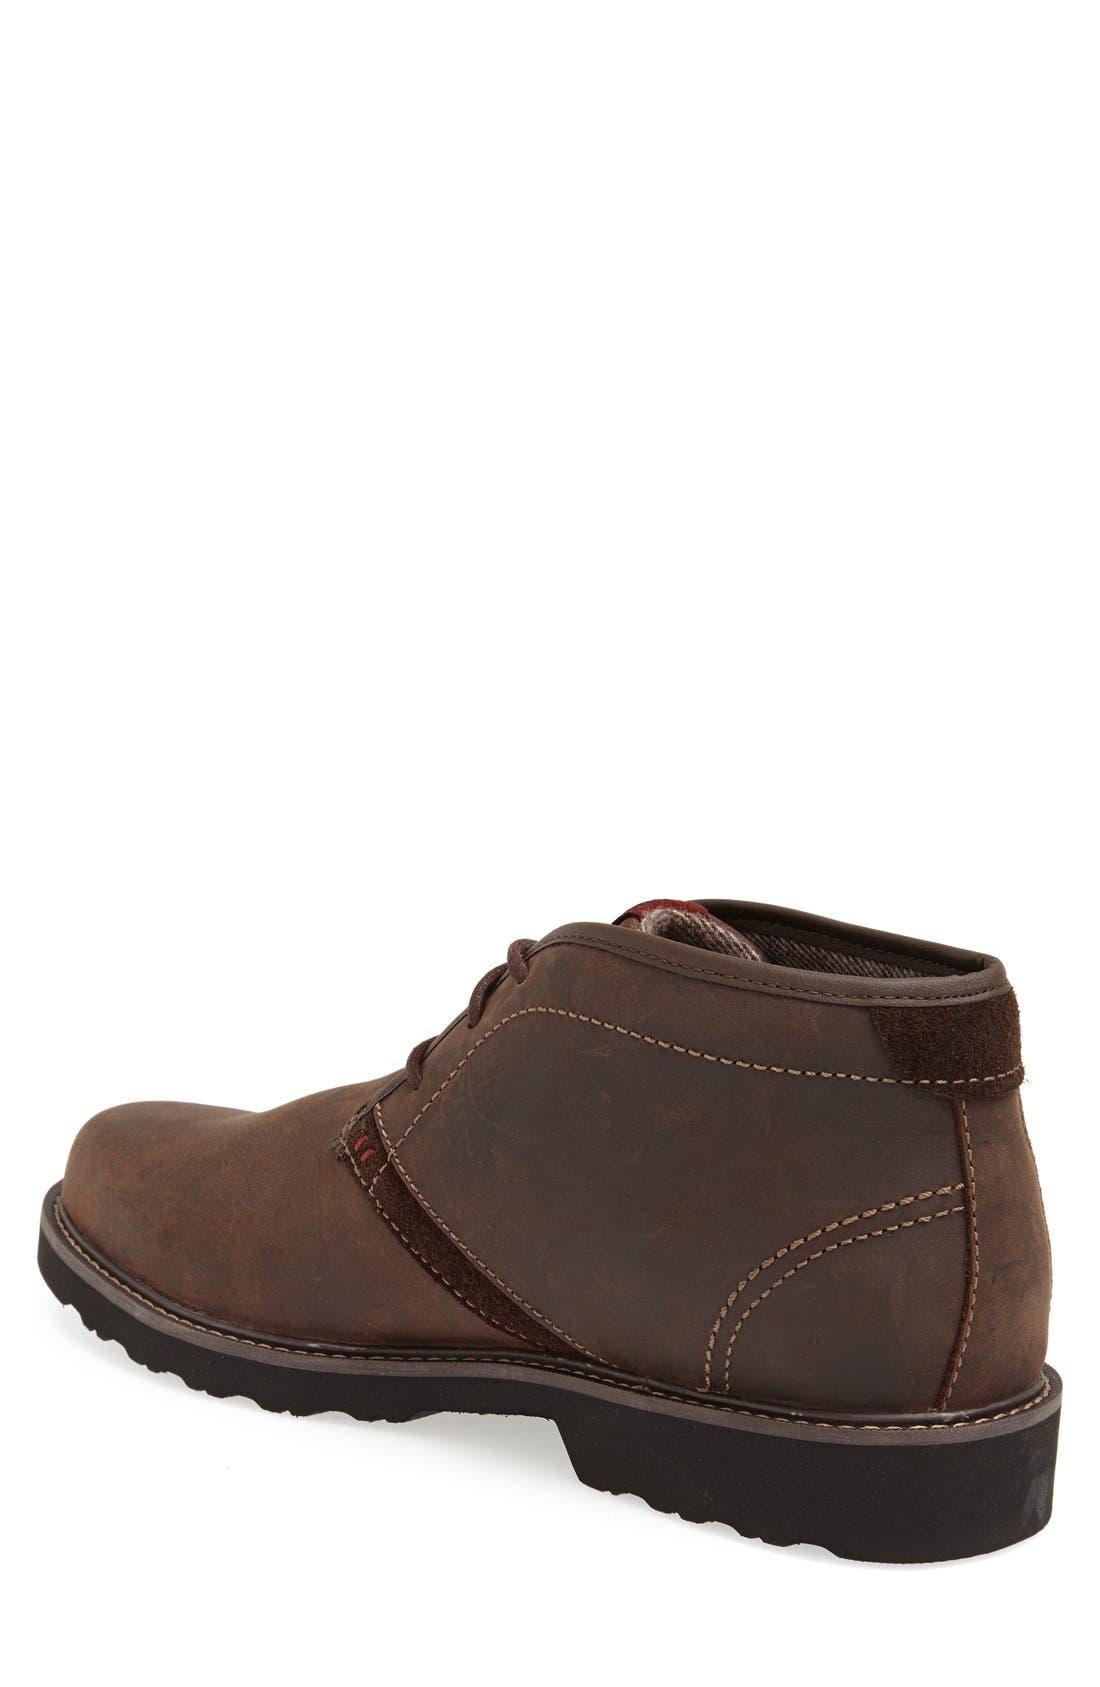 'REVdash' Chukka Boot,                             Alternate thumbnail 2, color,                             Brown